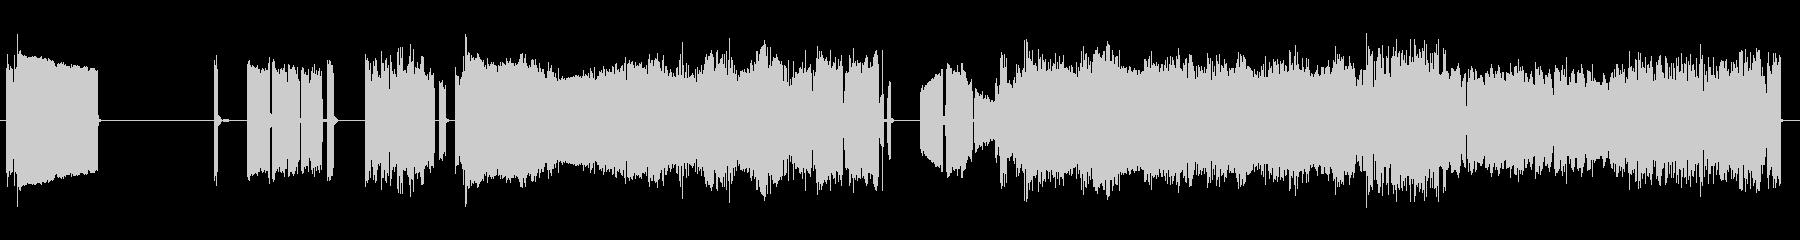 静的干渉スイープ4の未再生の波形